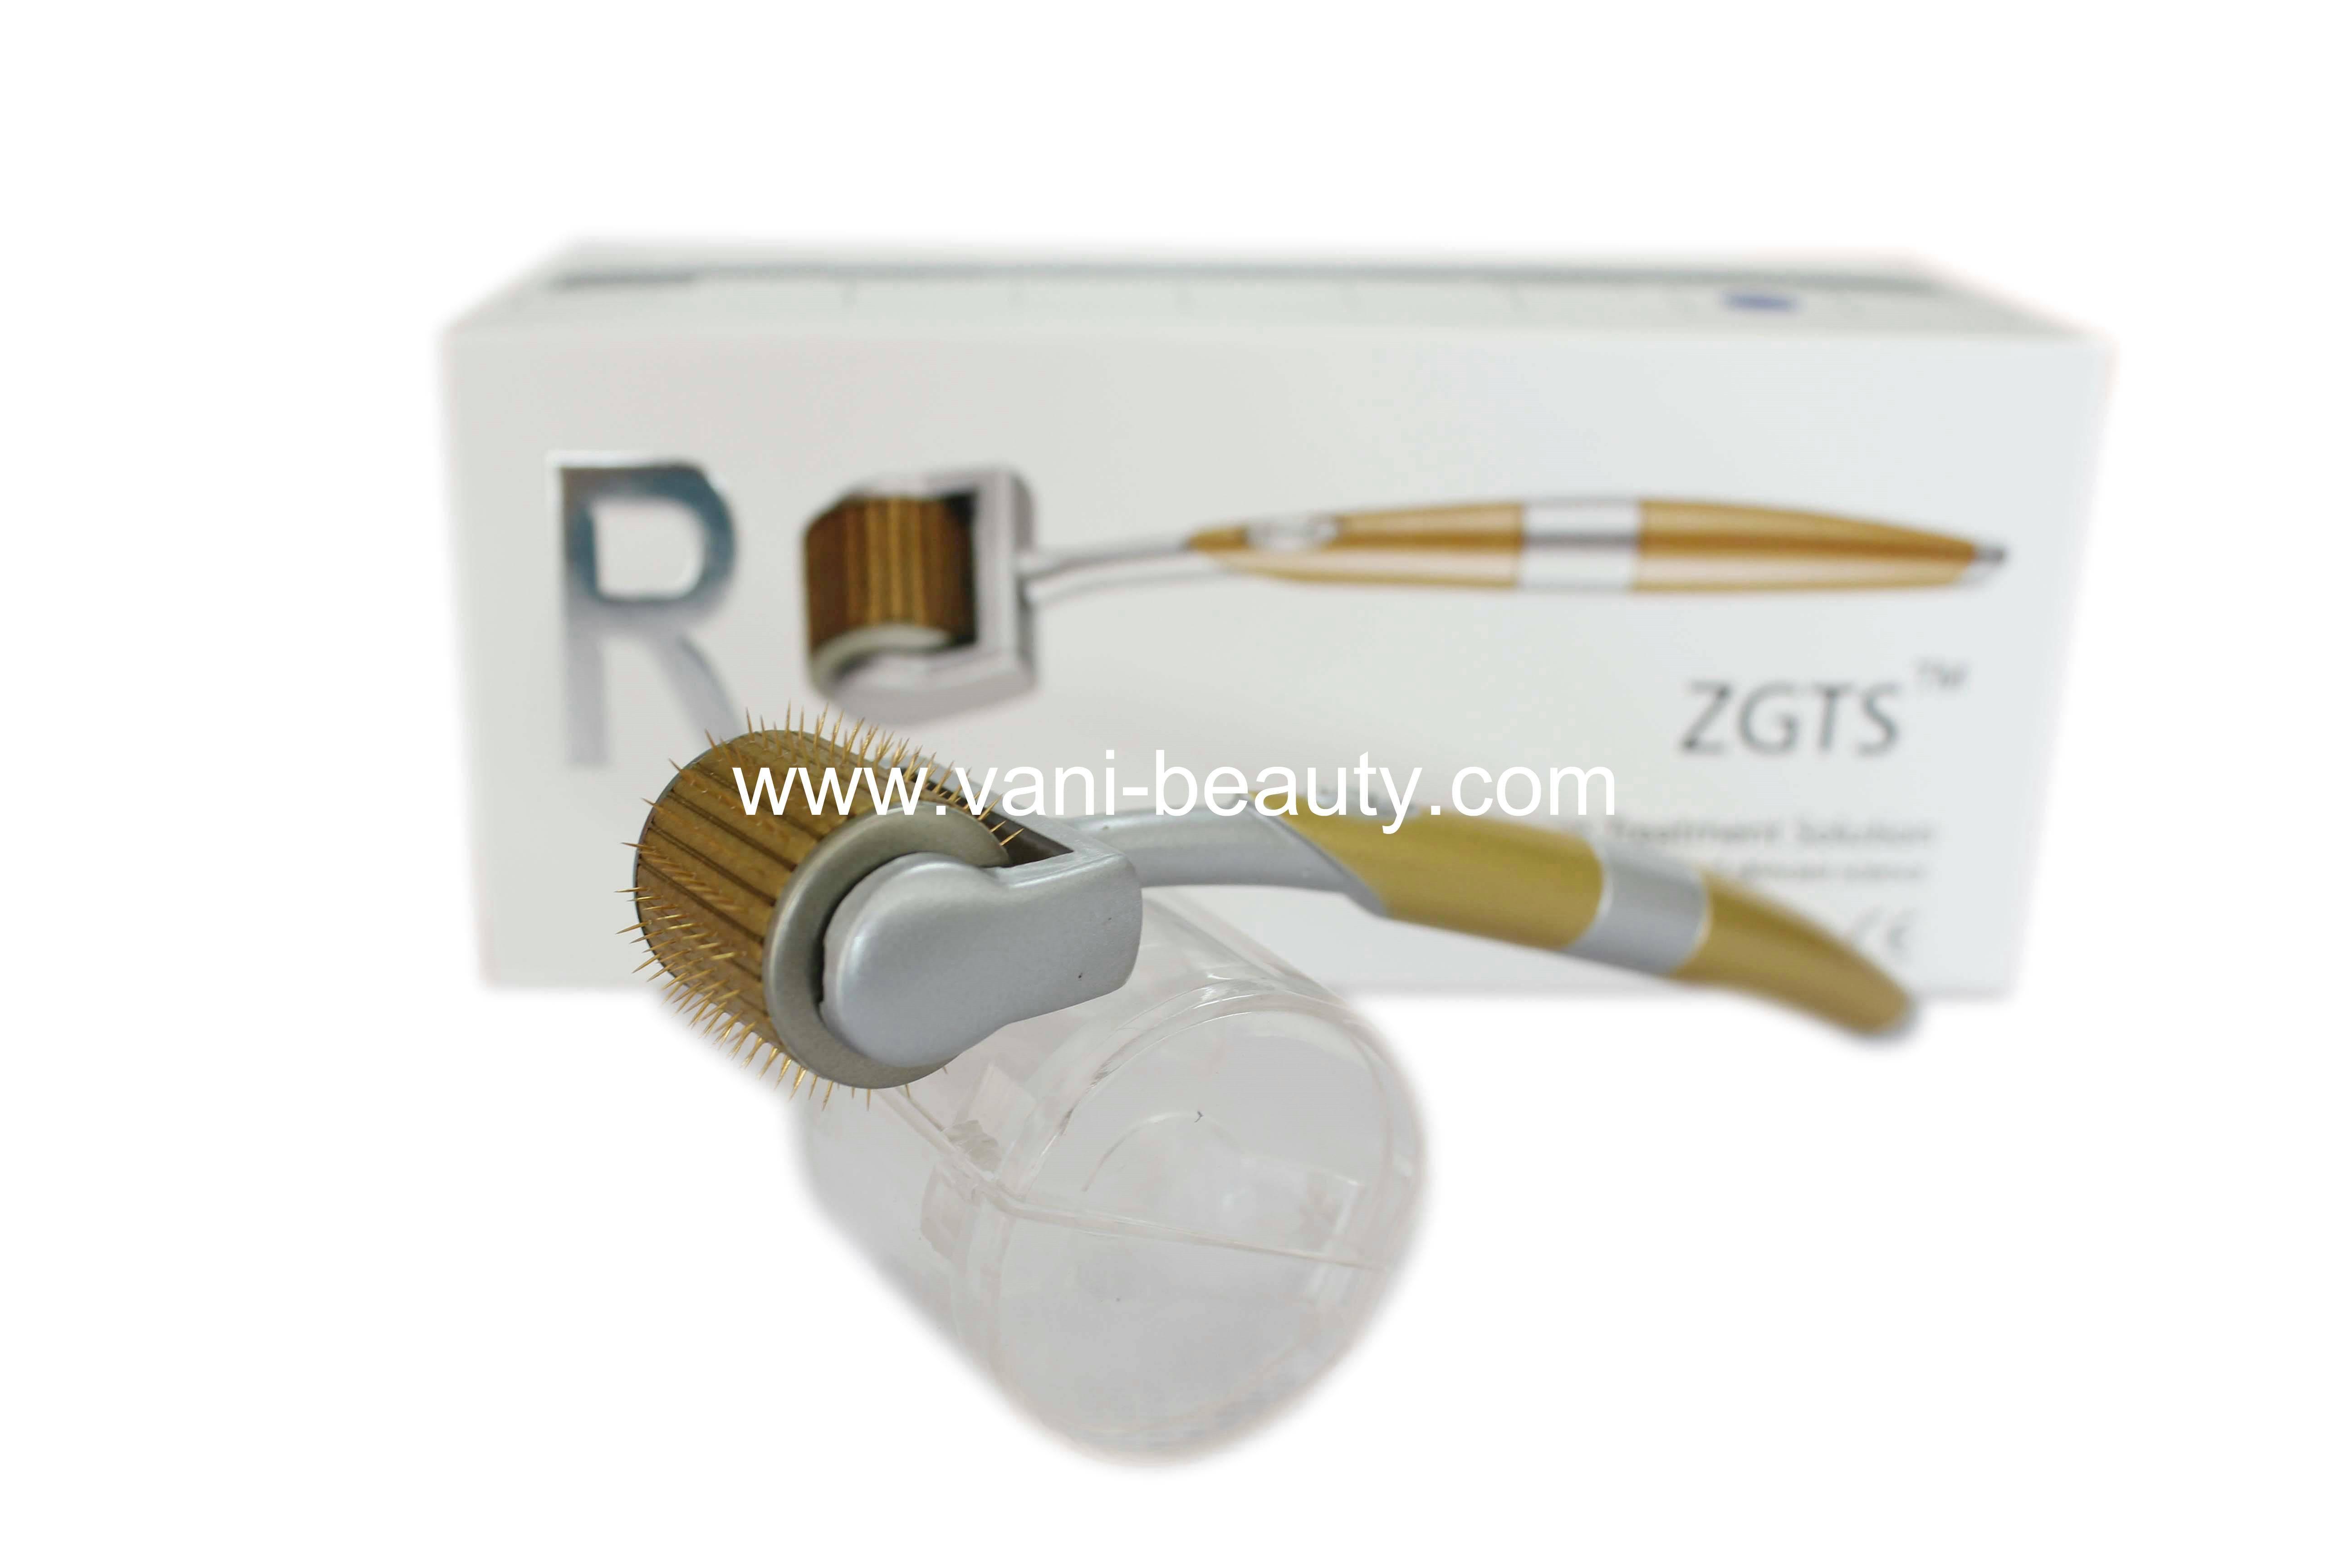 Skin Needling Roller Beauty Roller System